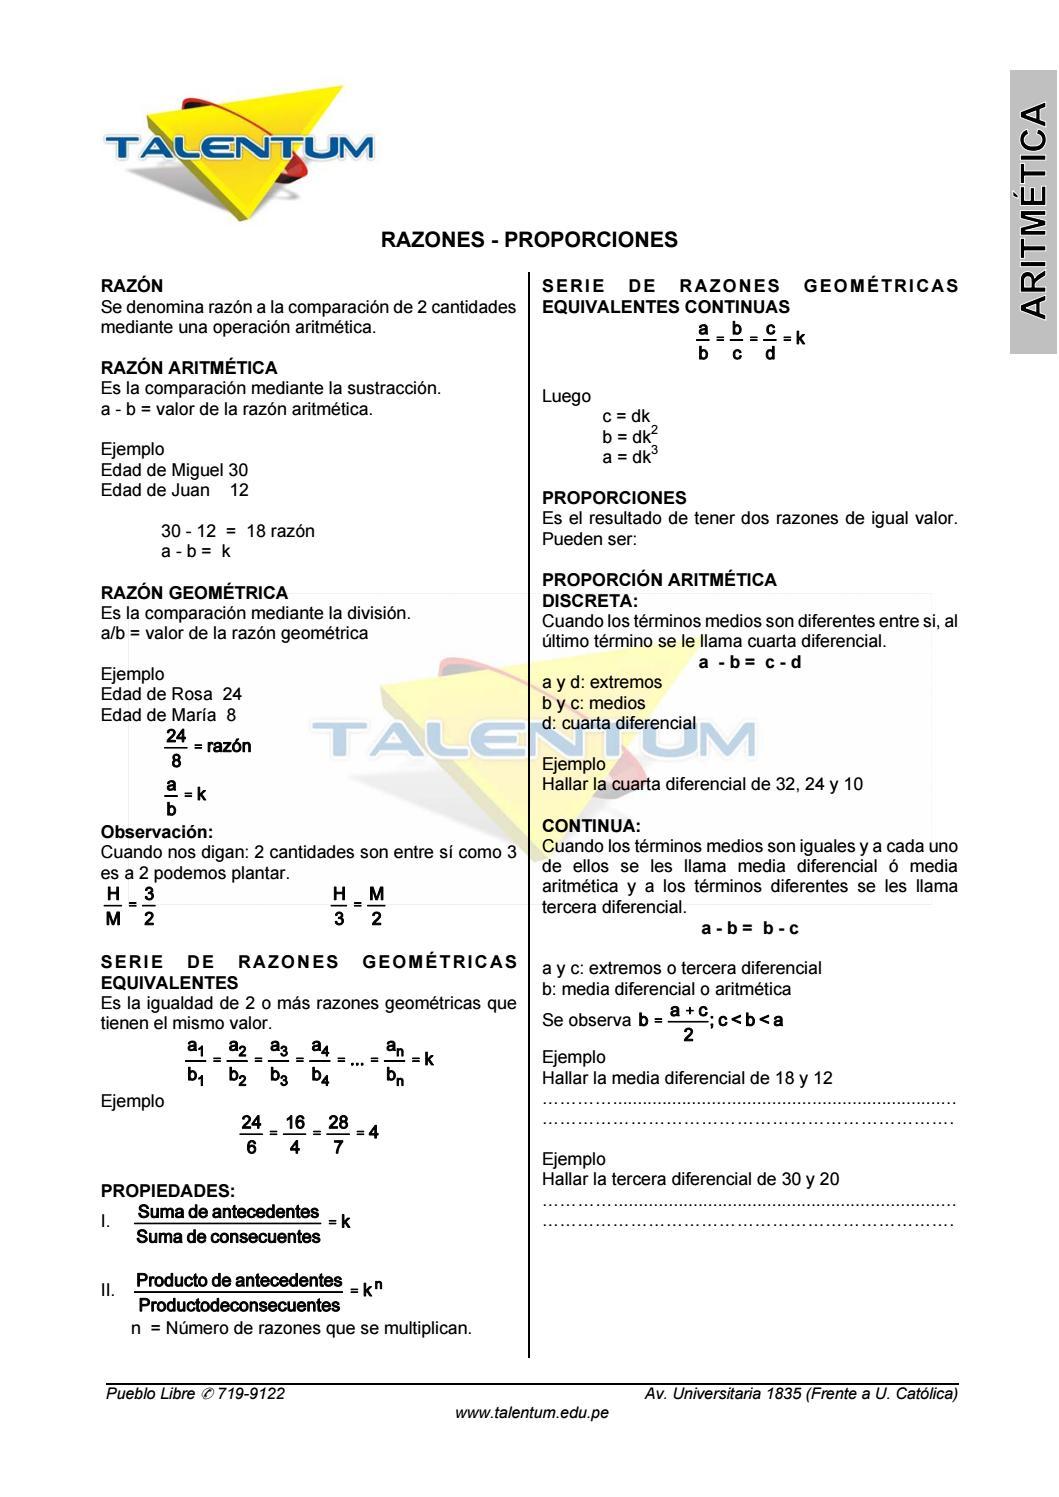 Conocer gente nueva Salamanca-273949